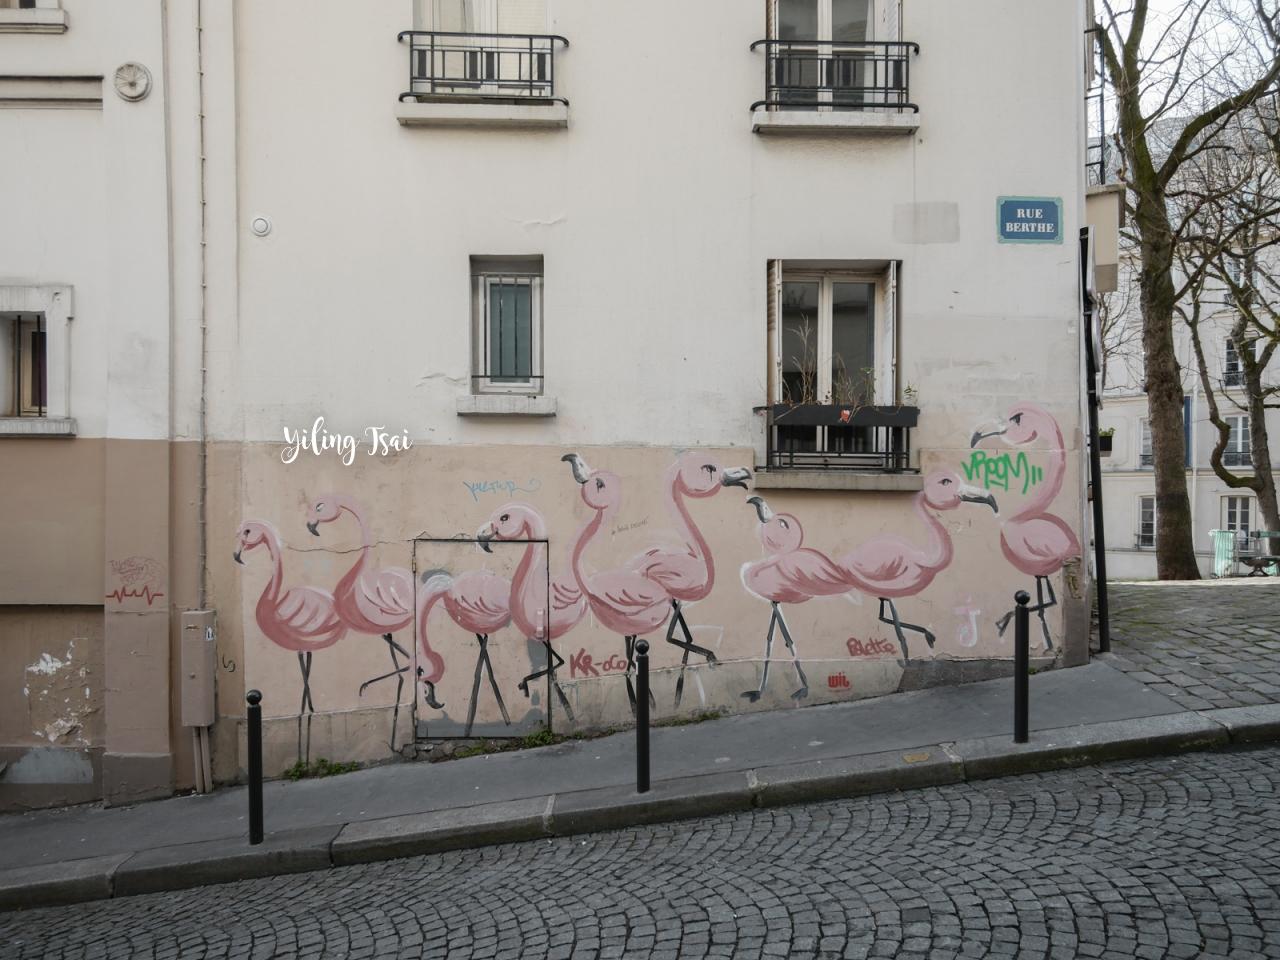 法國巴黎蒙馬特攻略 景點推薦交通方式美食分享 蒙馬特散步地圖